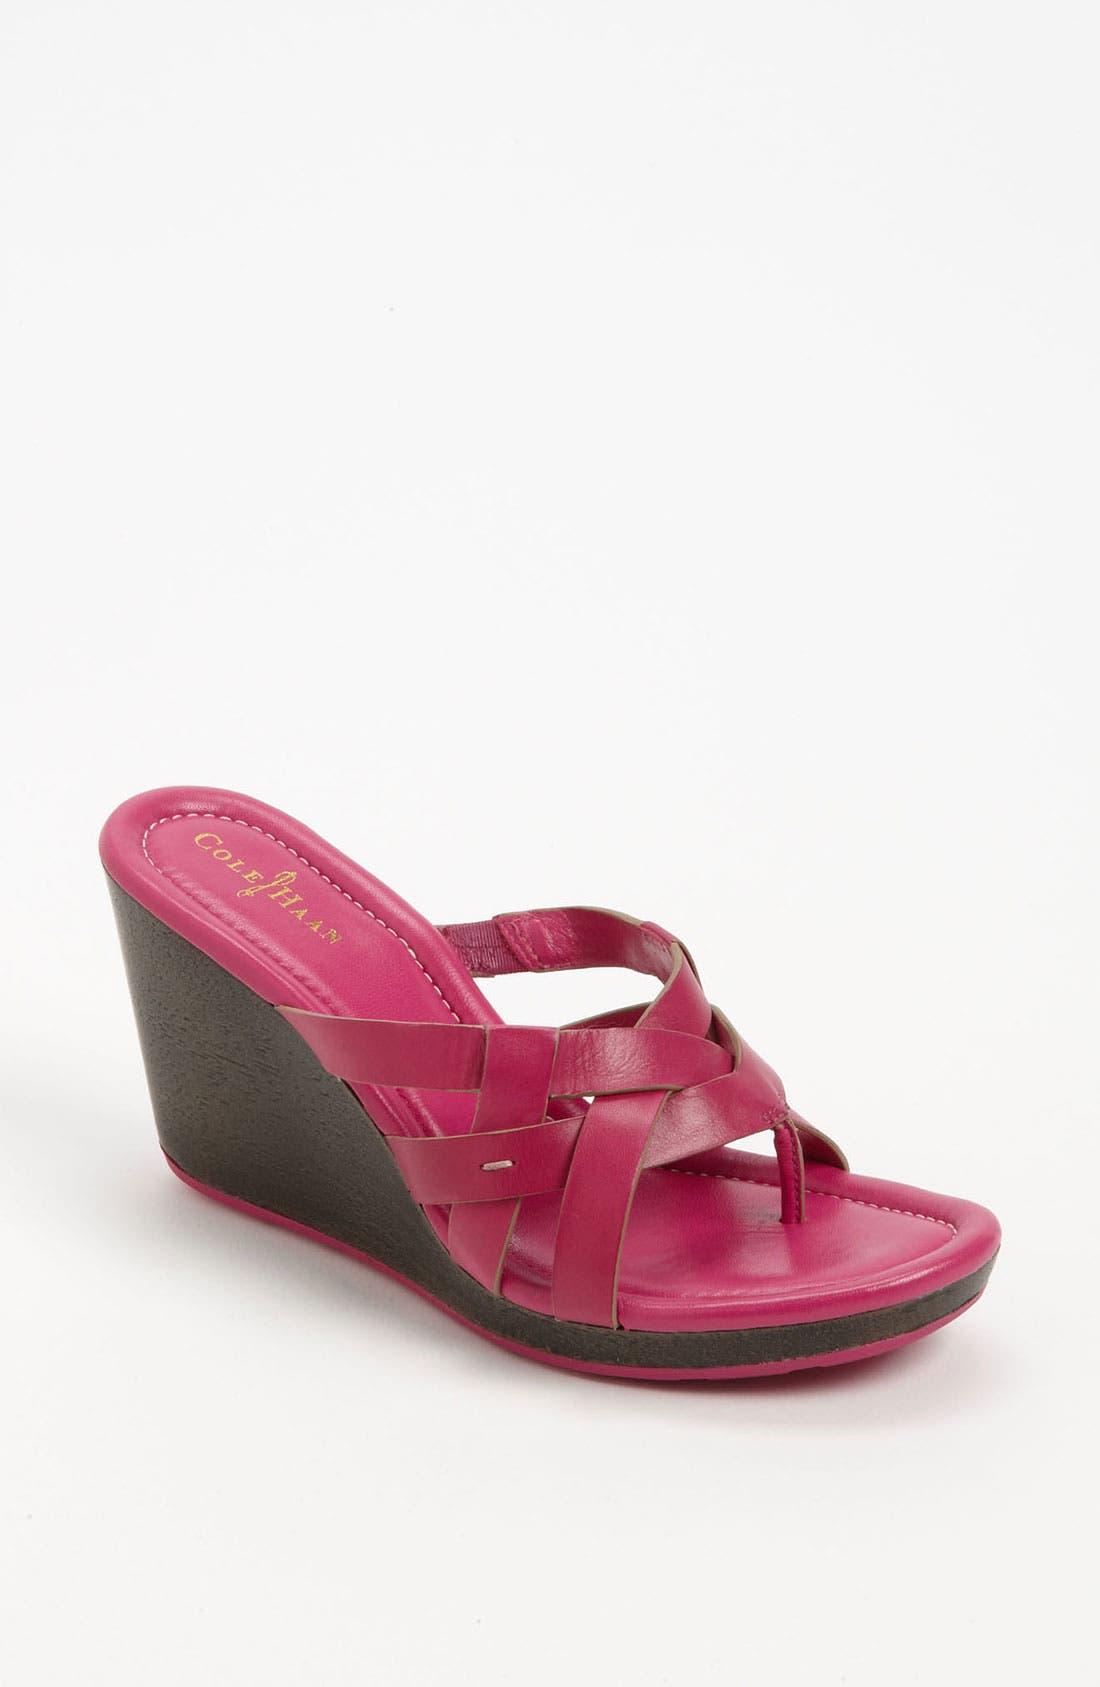 Main Image - Cole Haan 'Air Bonnie' Sandal